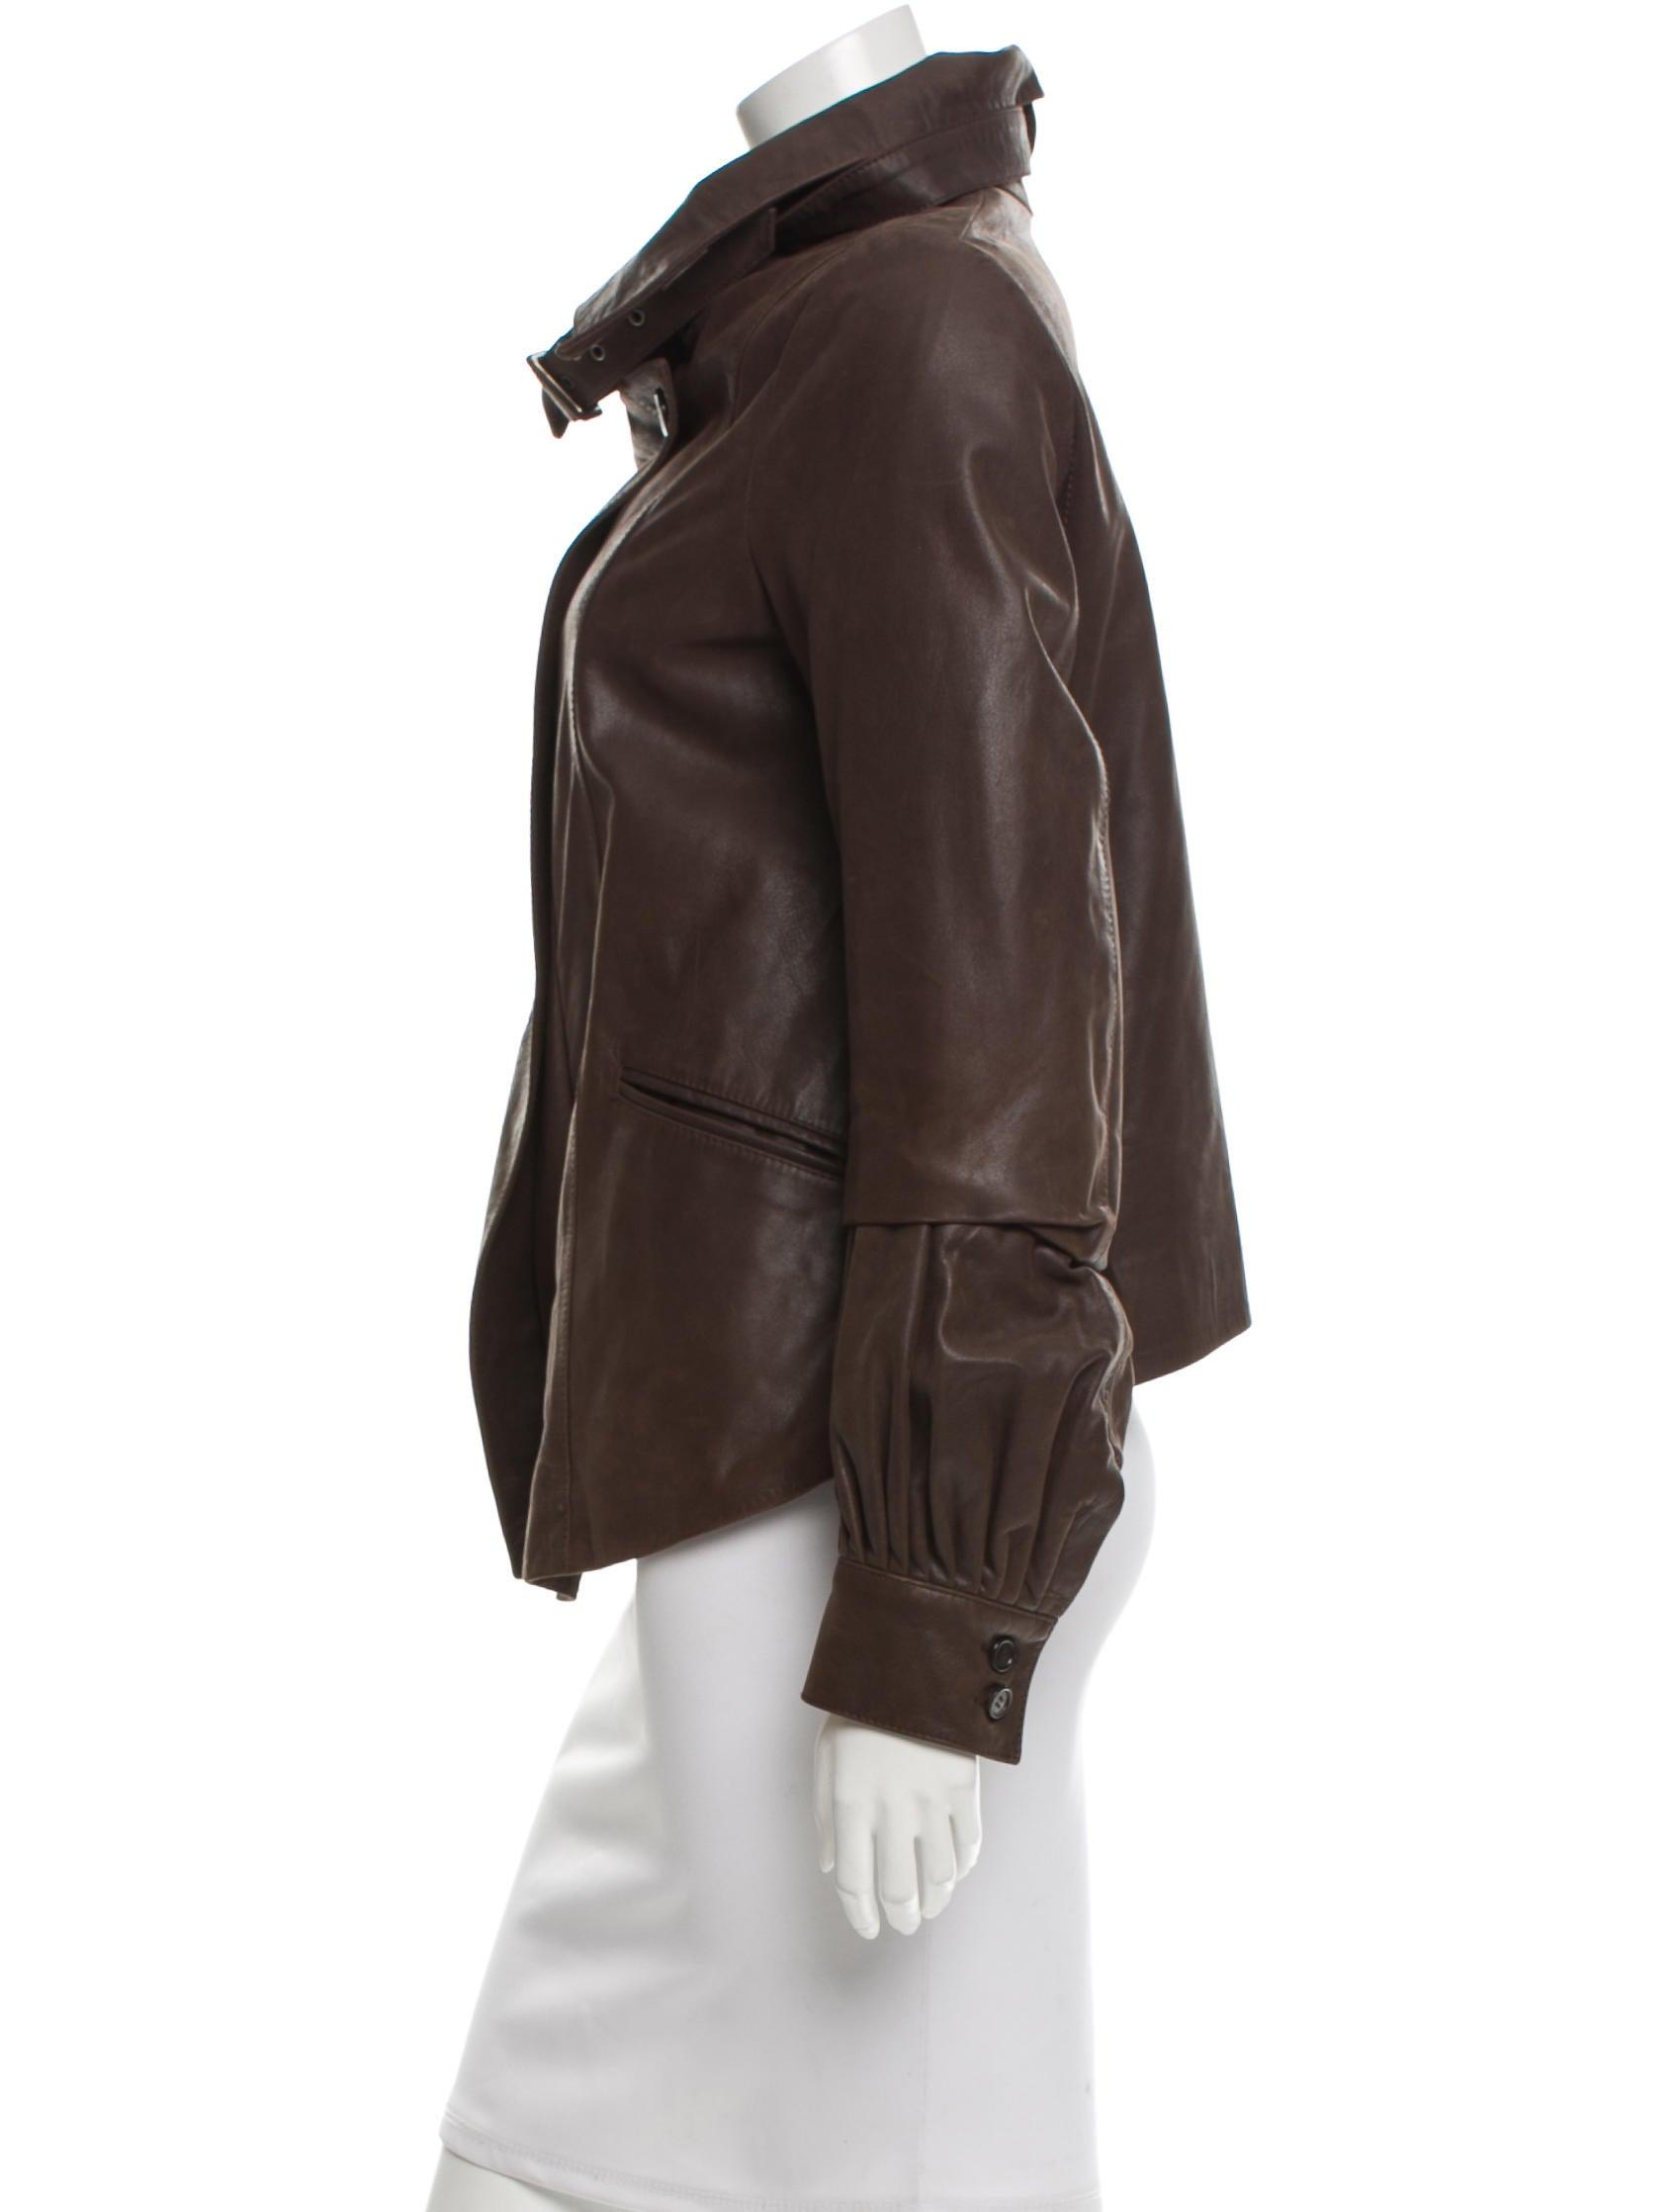 Buckle leather jacket